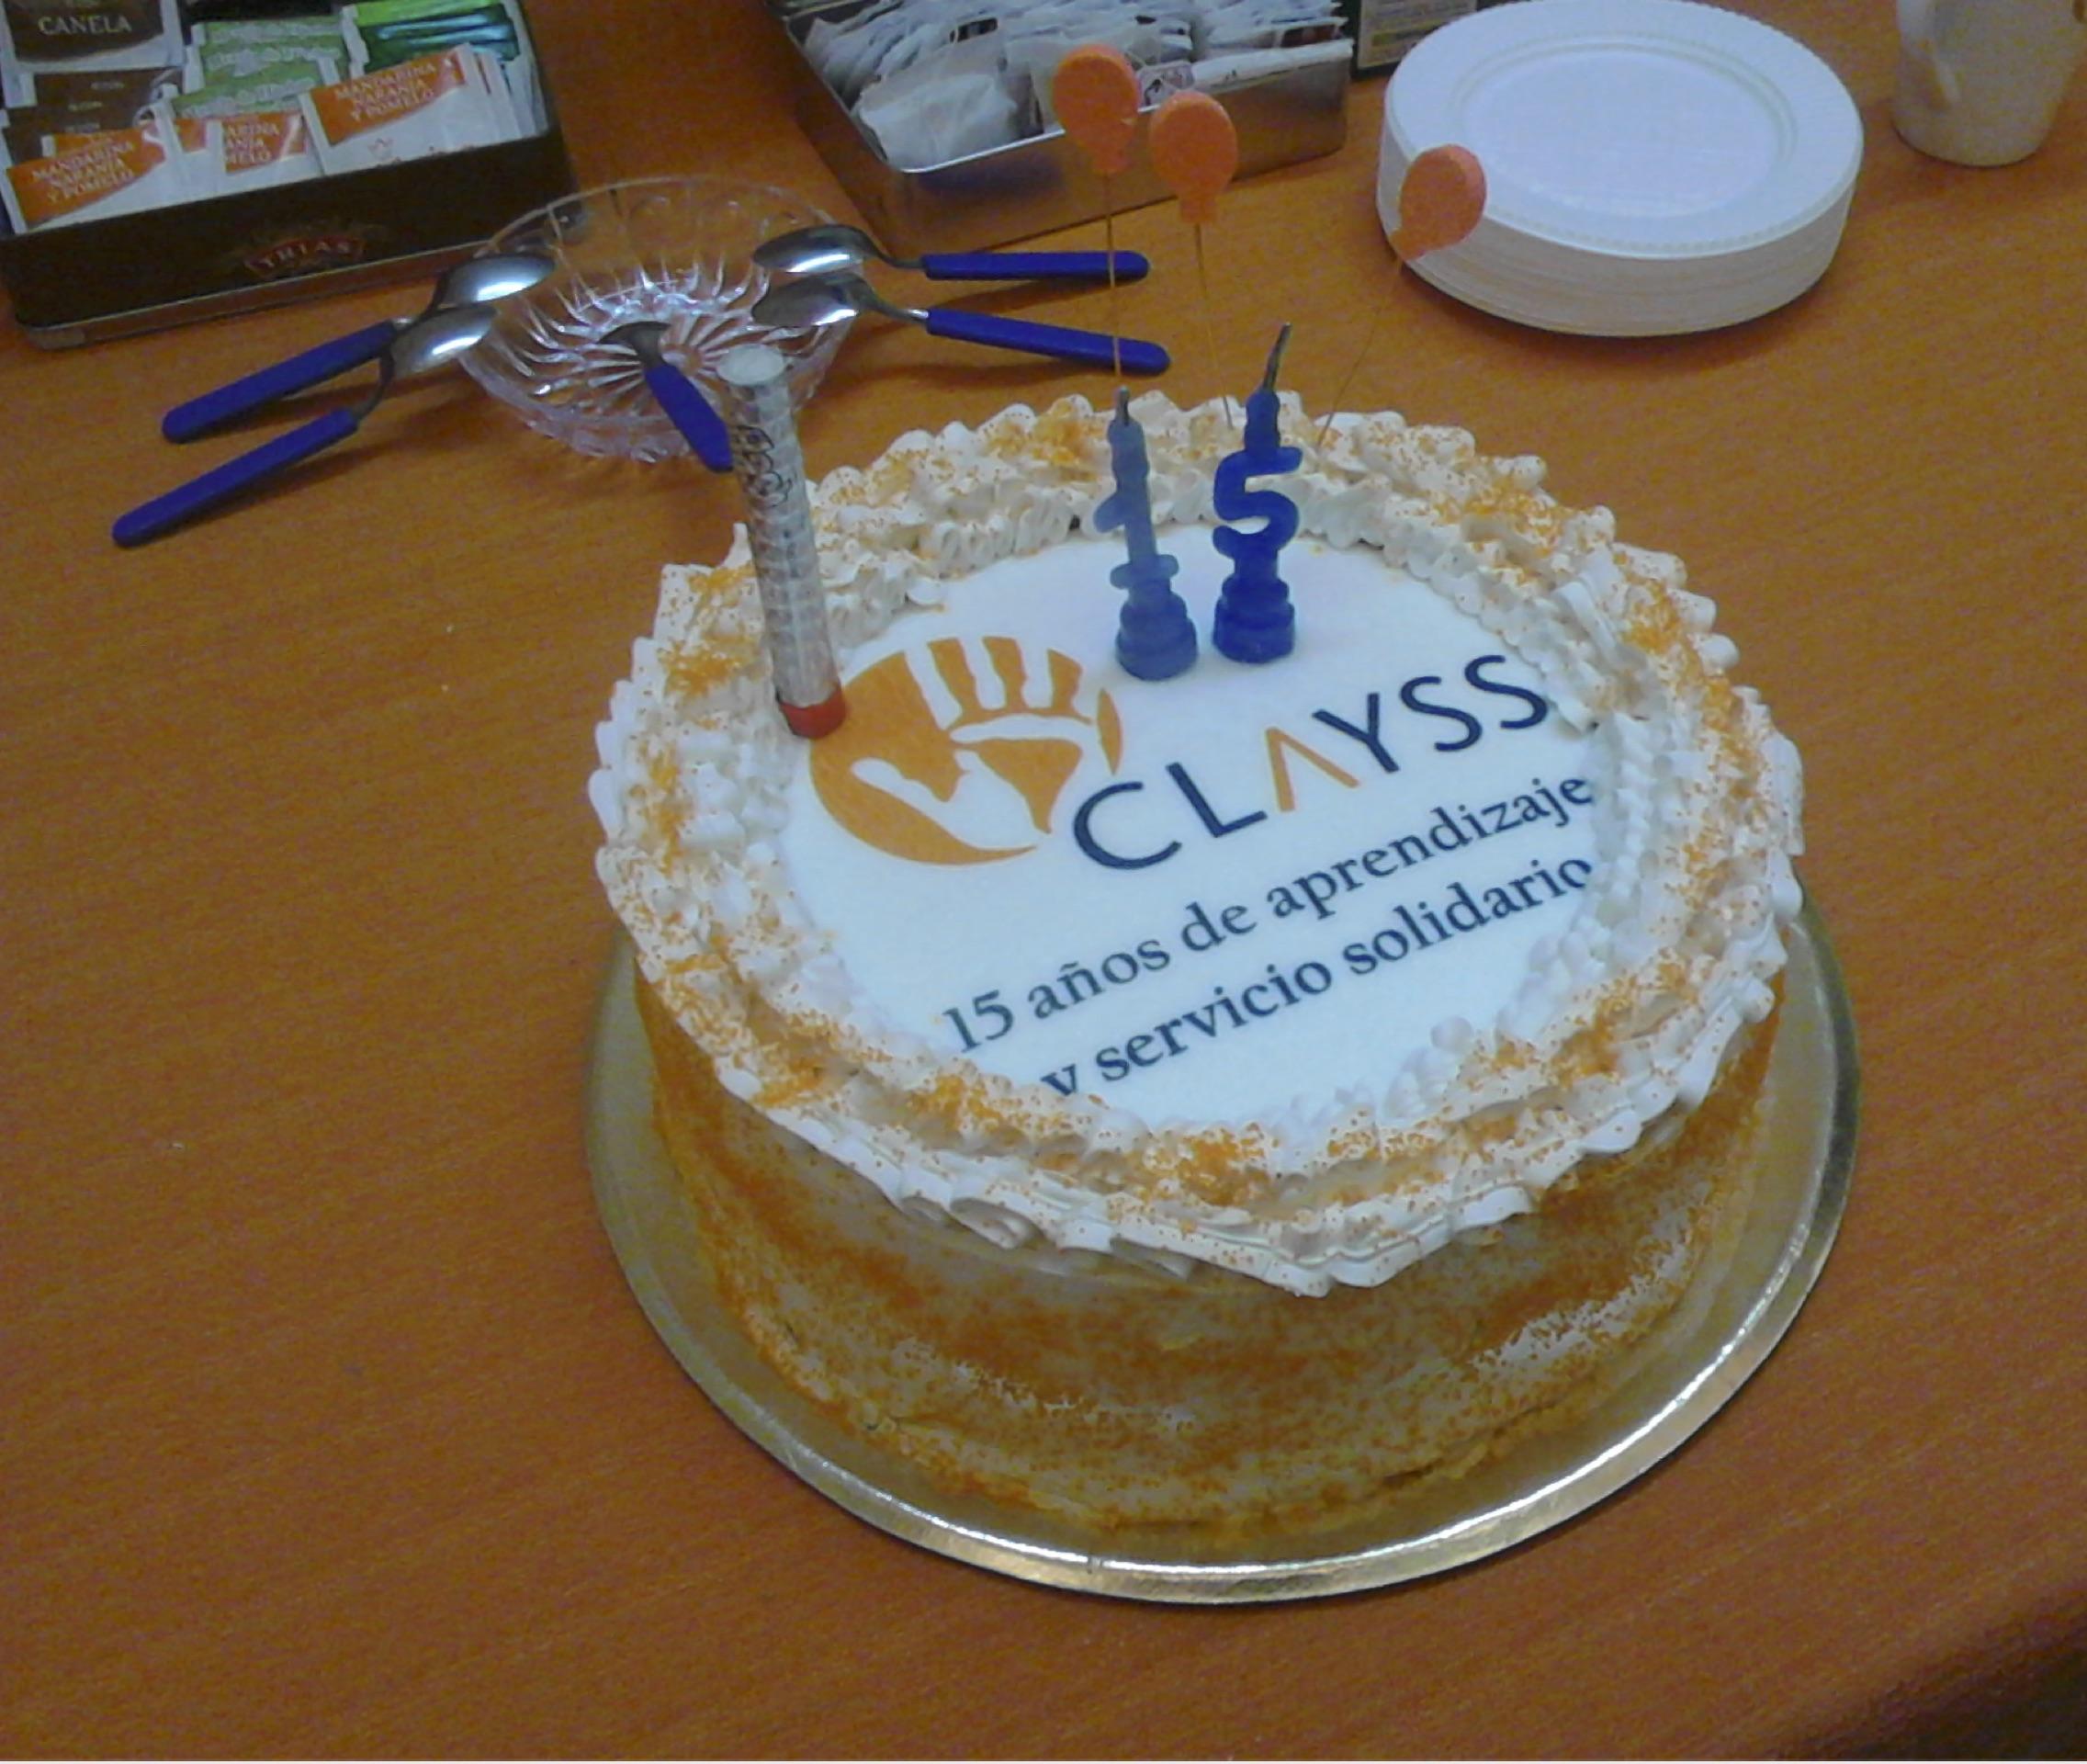 15años clayss